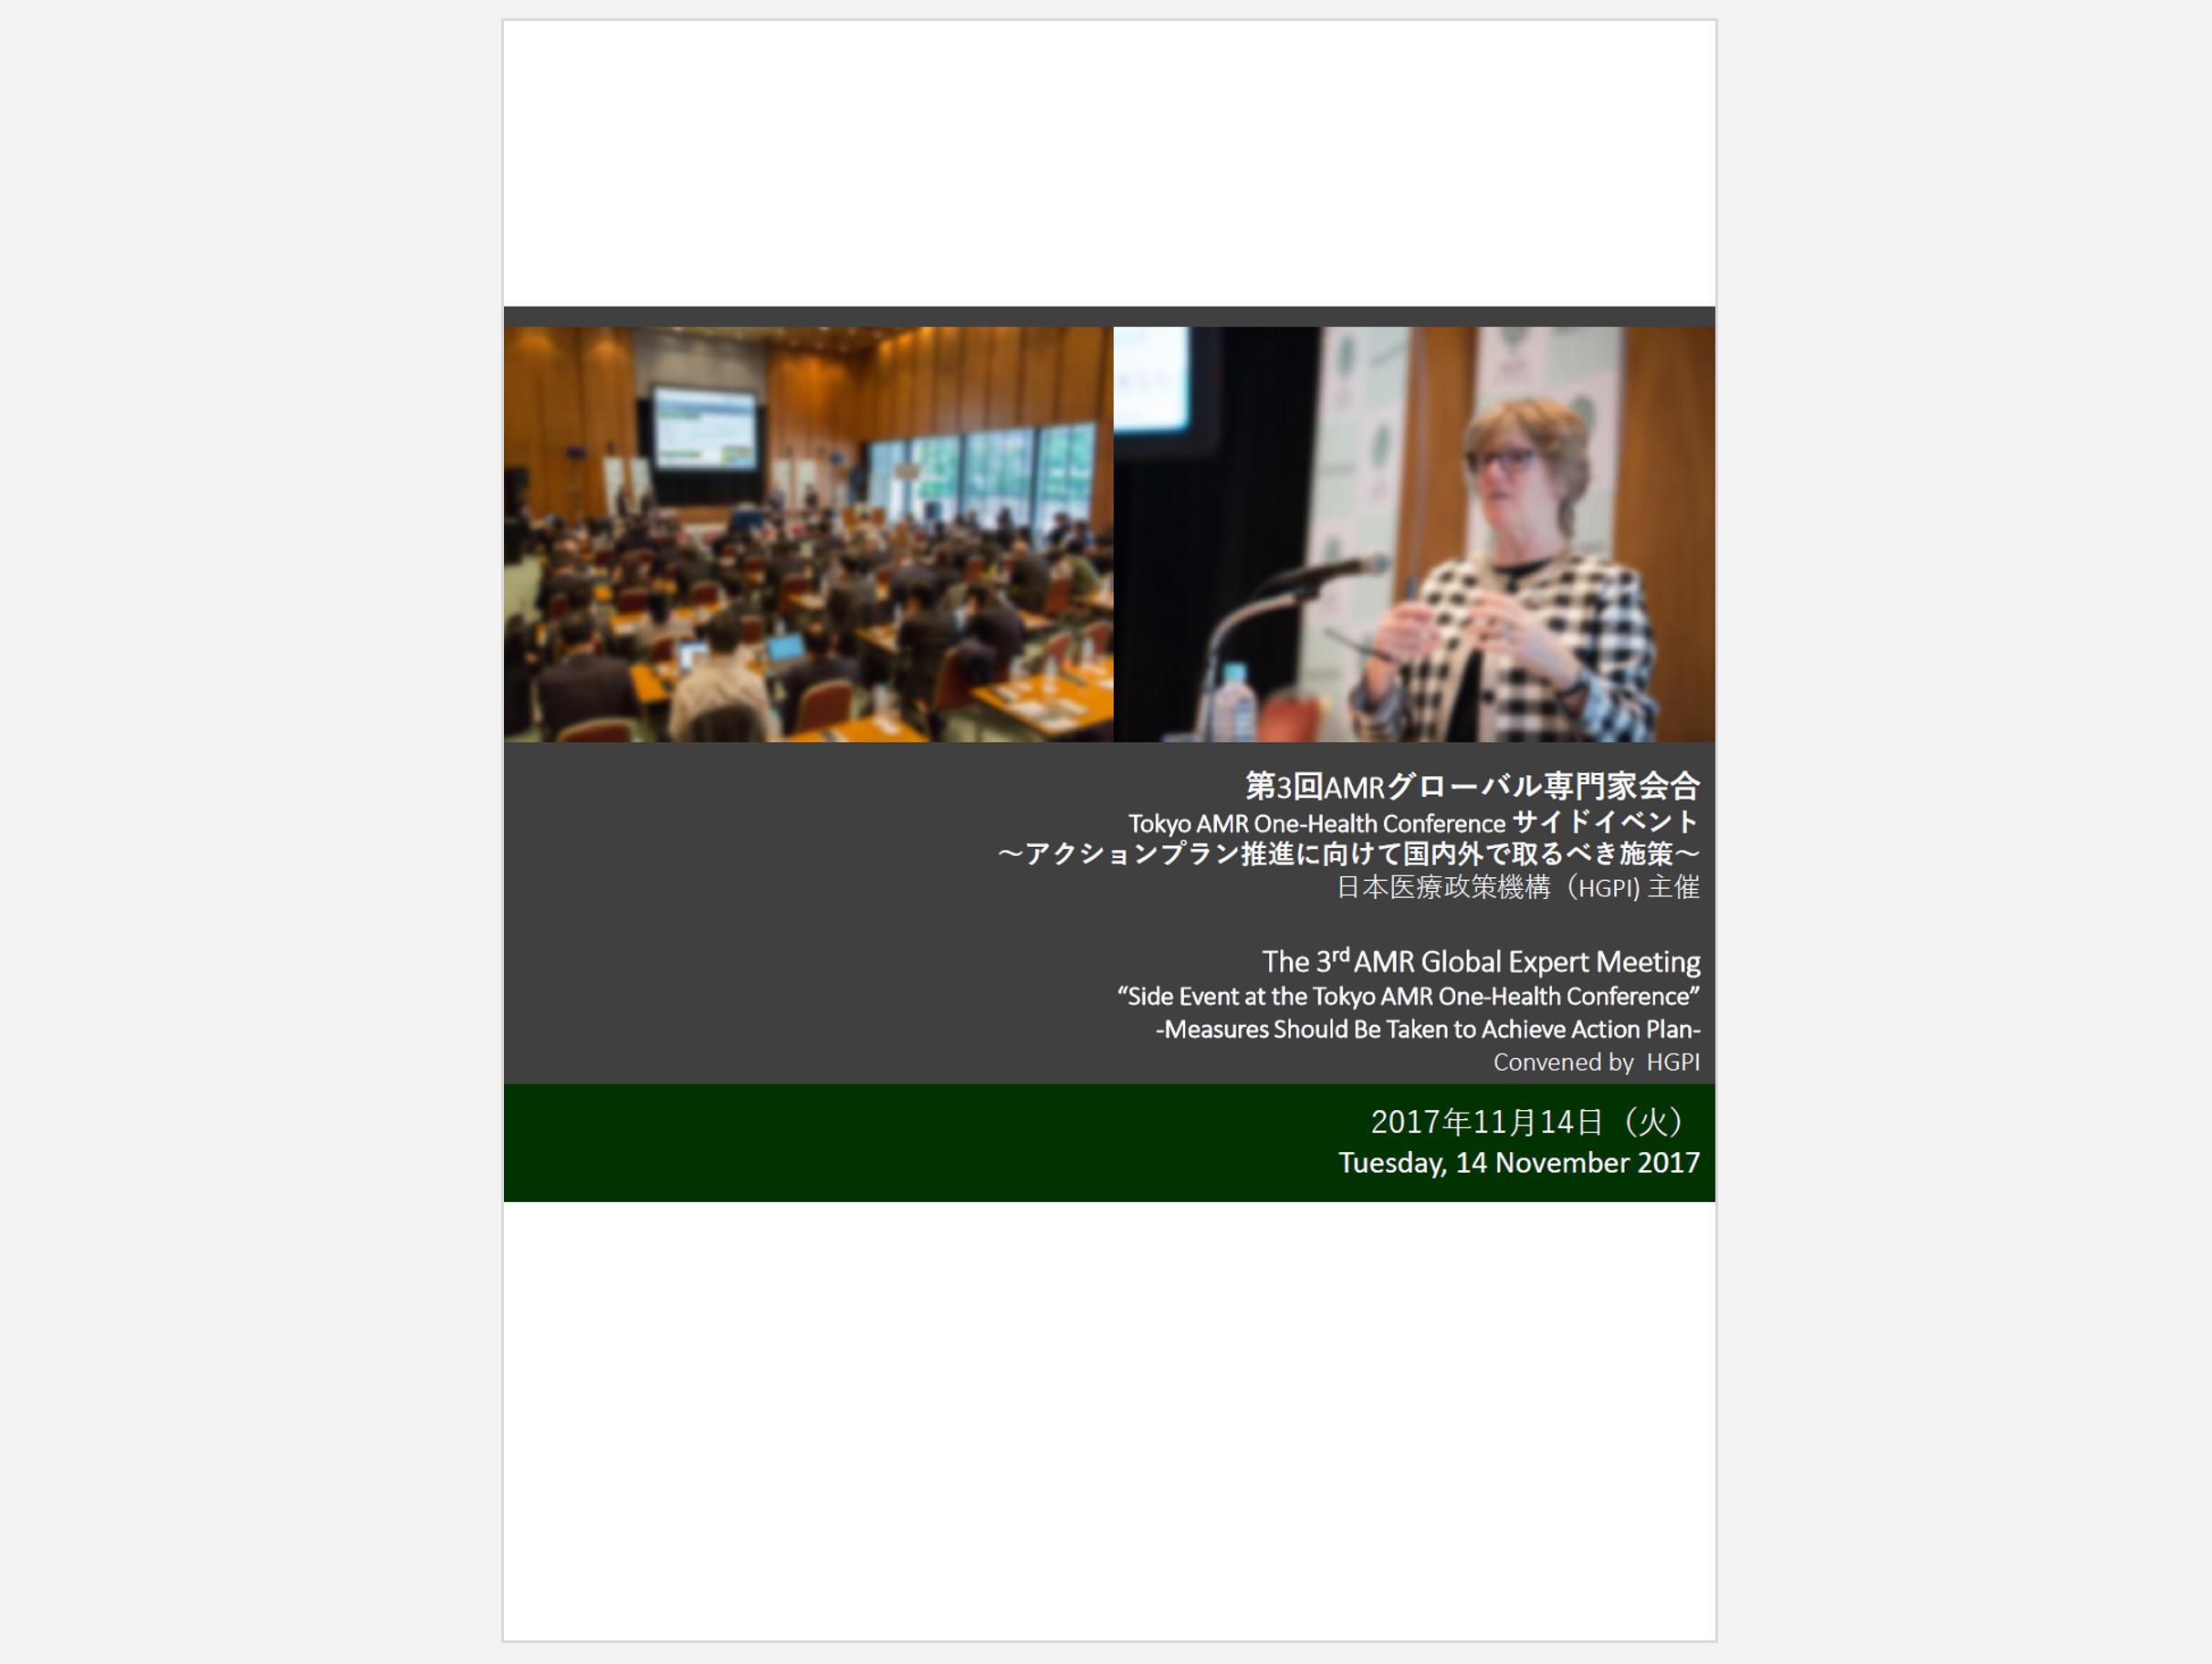 【開催報告・専門家会合まとめ】第3回AMRグローバル専門家会合「Tokyo AMR One-Health Conference サイドイベント~アクションプラン推進に向けて国内外で取るべき施策~」(2017年11月14日)